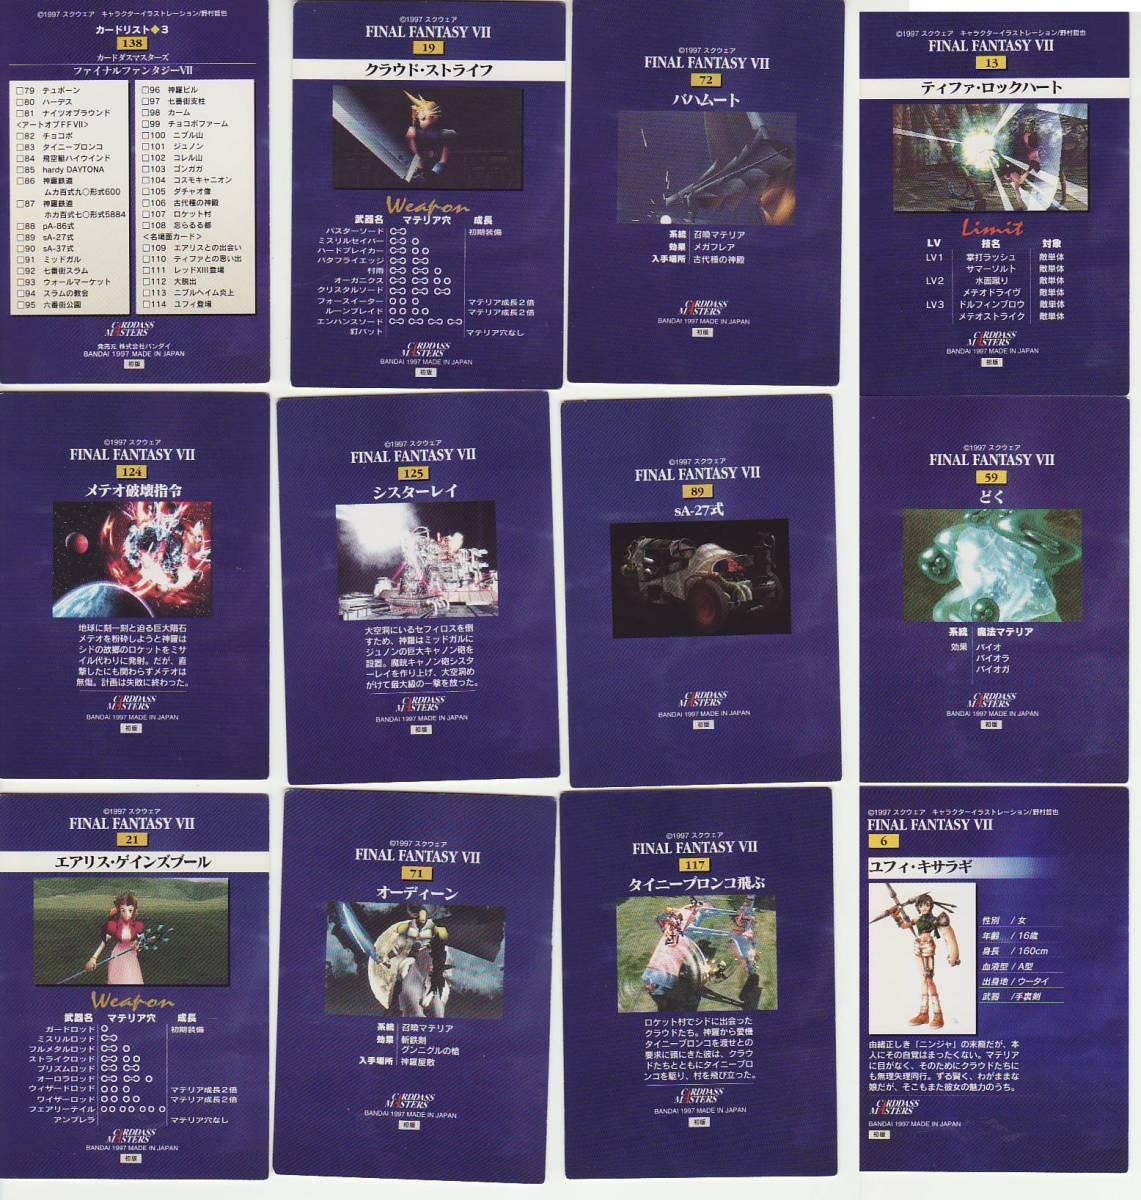 【大量セット】カードダスマスターズ ファイナルファンタジーⅦ 初版 30枚セット  ファイナルファンタジー7 FF7 FFⅦ FFVII_画像5